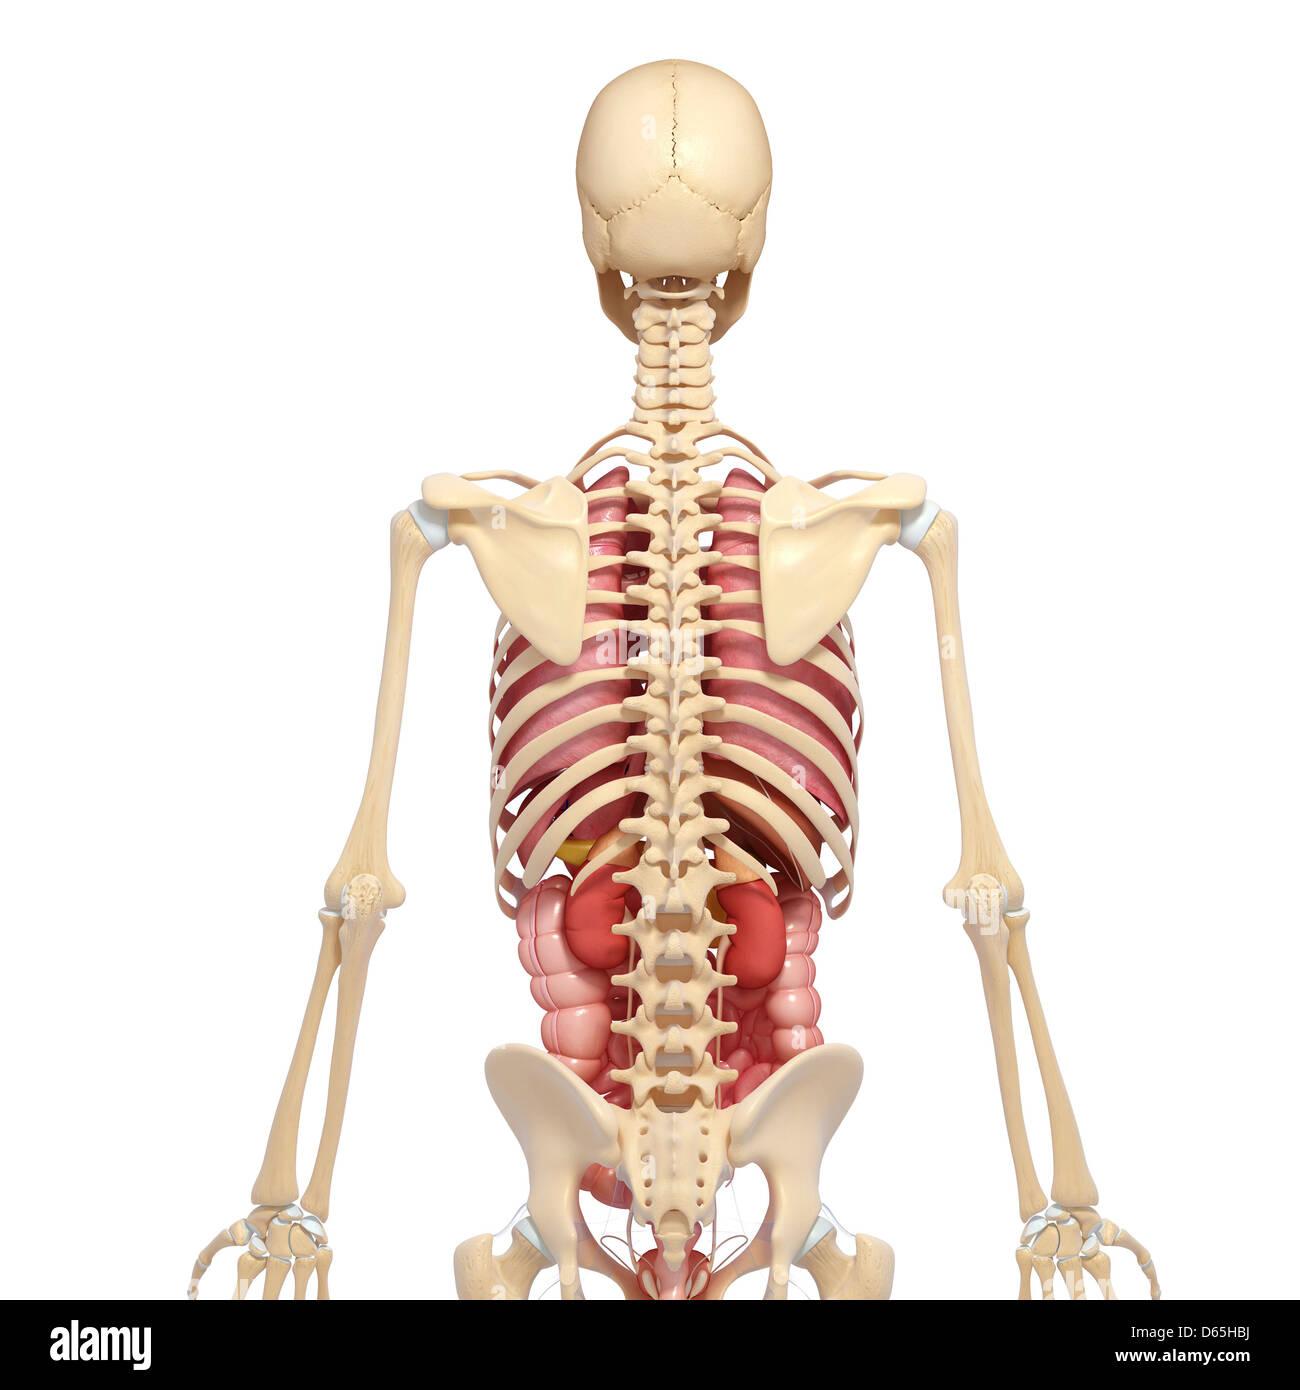 Beste Flanke Menschliche Anatomie Bilder - Anatomie Von Menschlichen ...